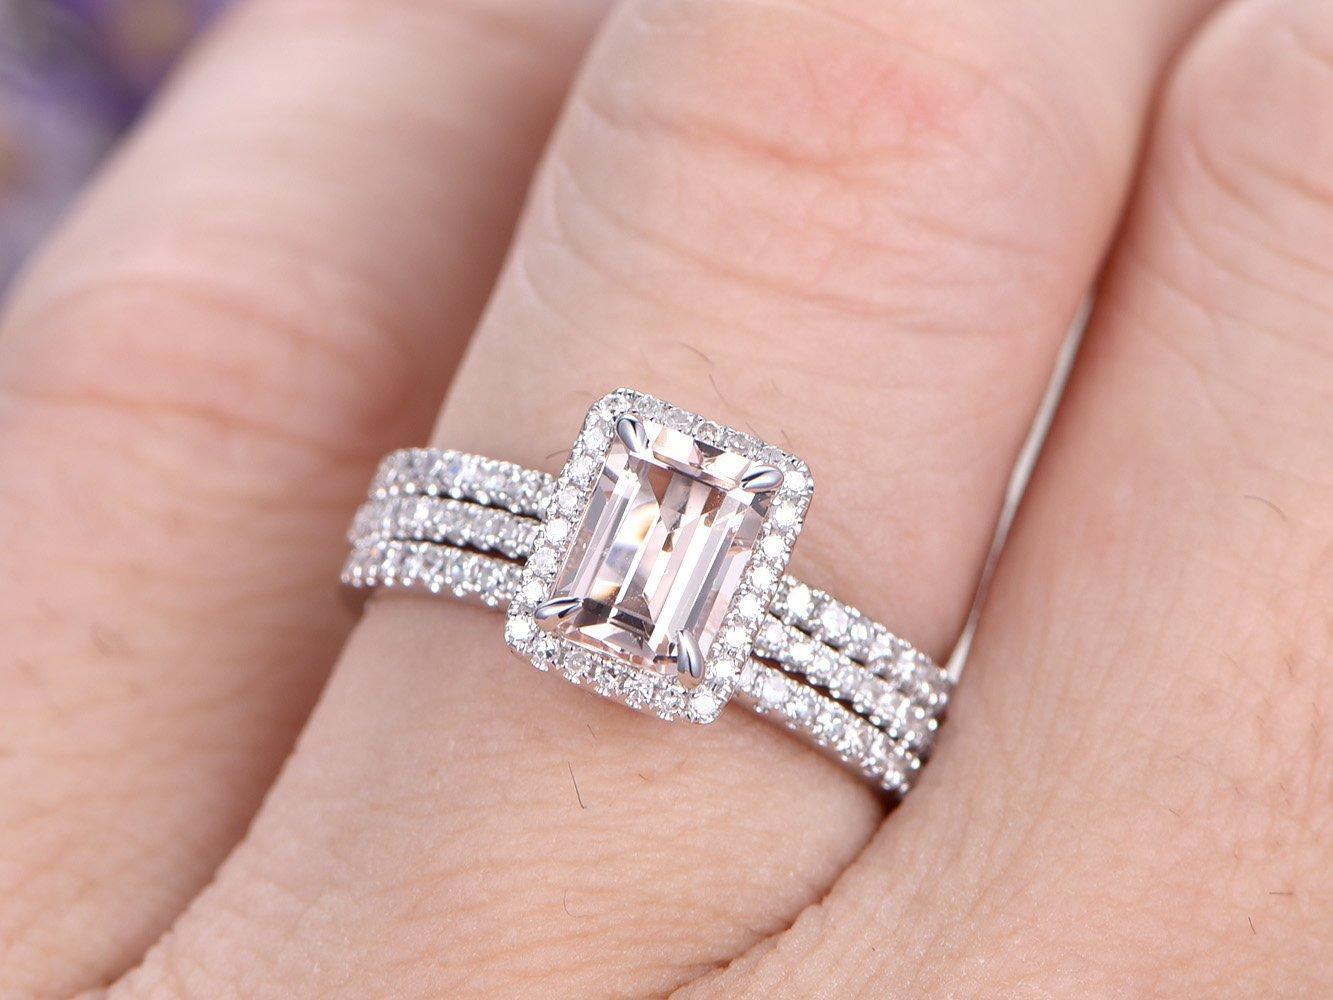 Amazon.com: 3pcs Morganite Wedding Ring Set,5x7mm Emerald Cut ...